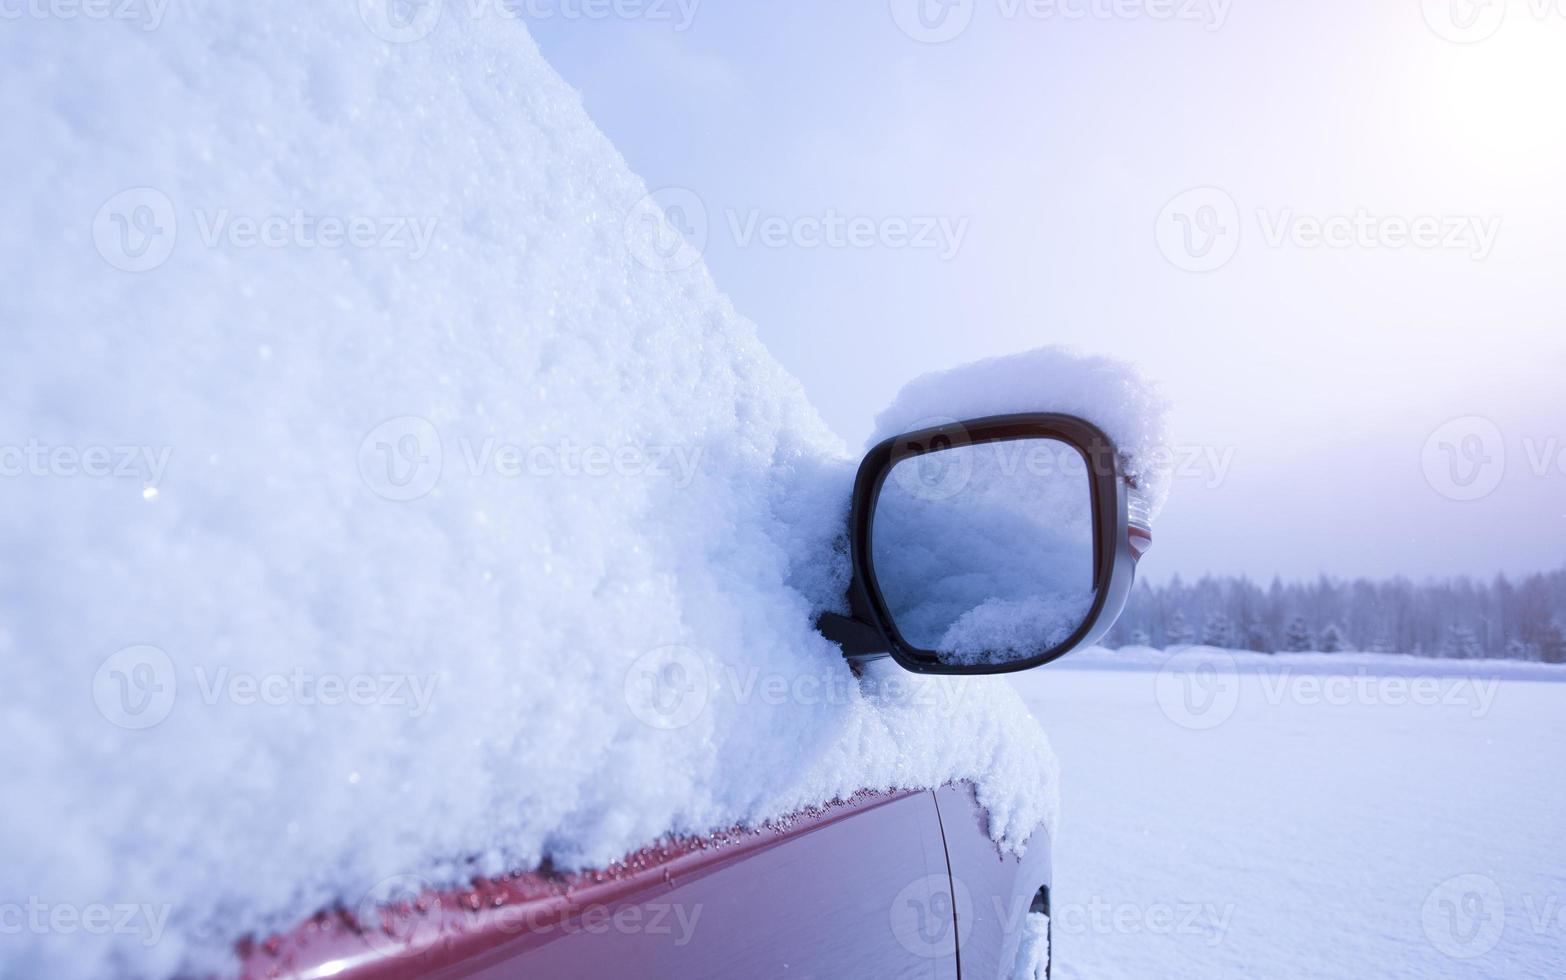 bil täckt av snö foto